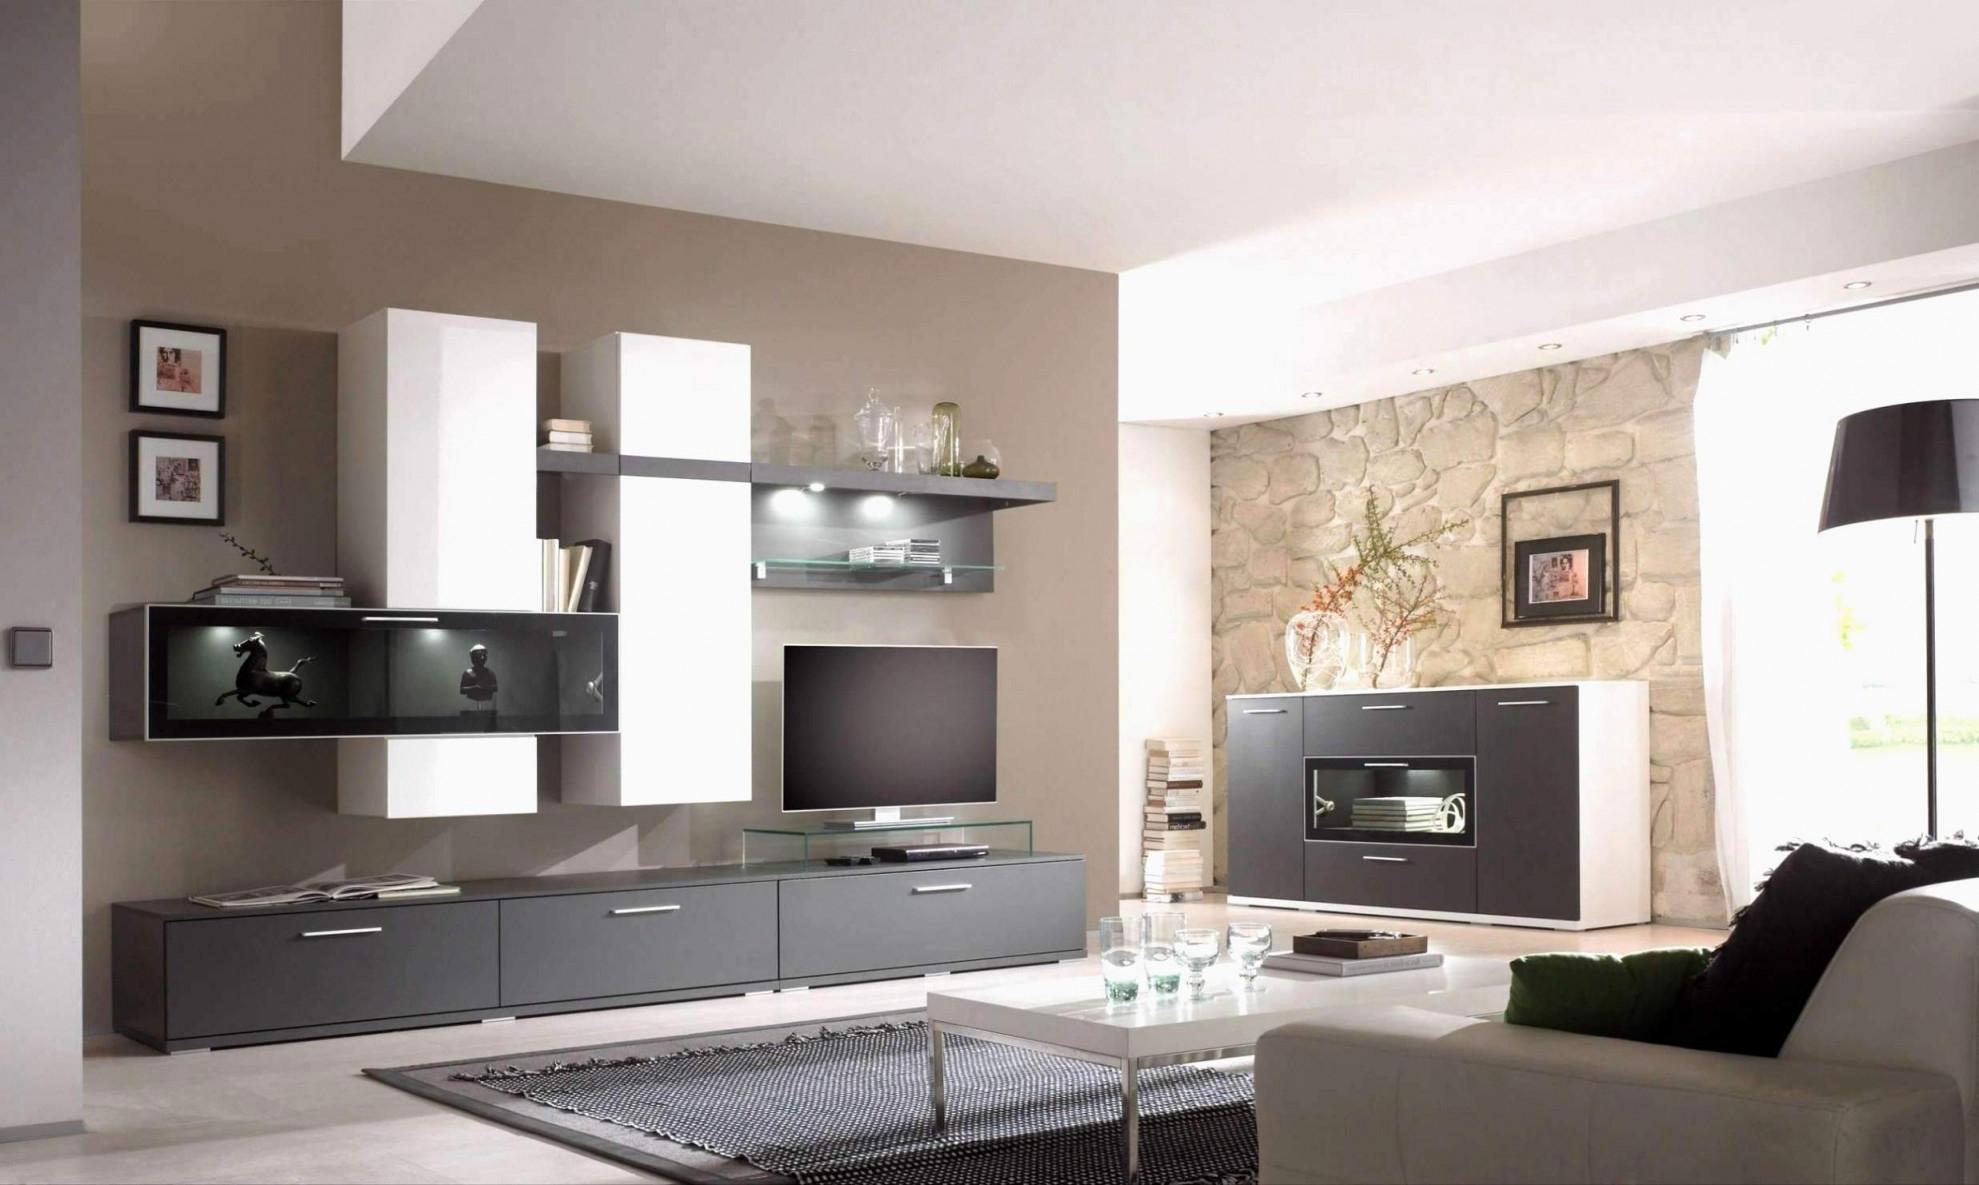 Wohnzimmer Gestalten Modern Das Beste Von Steinwand von Wohnzimmer Mit Steinwand Gestalten Bild